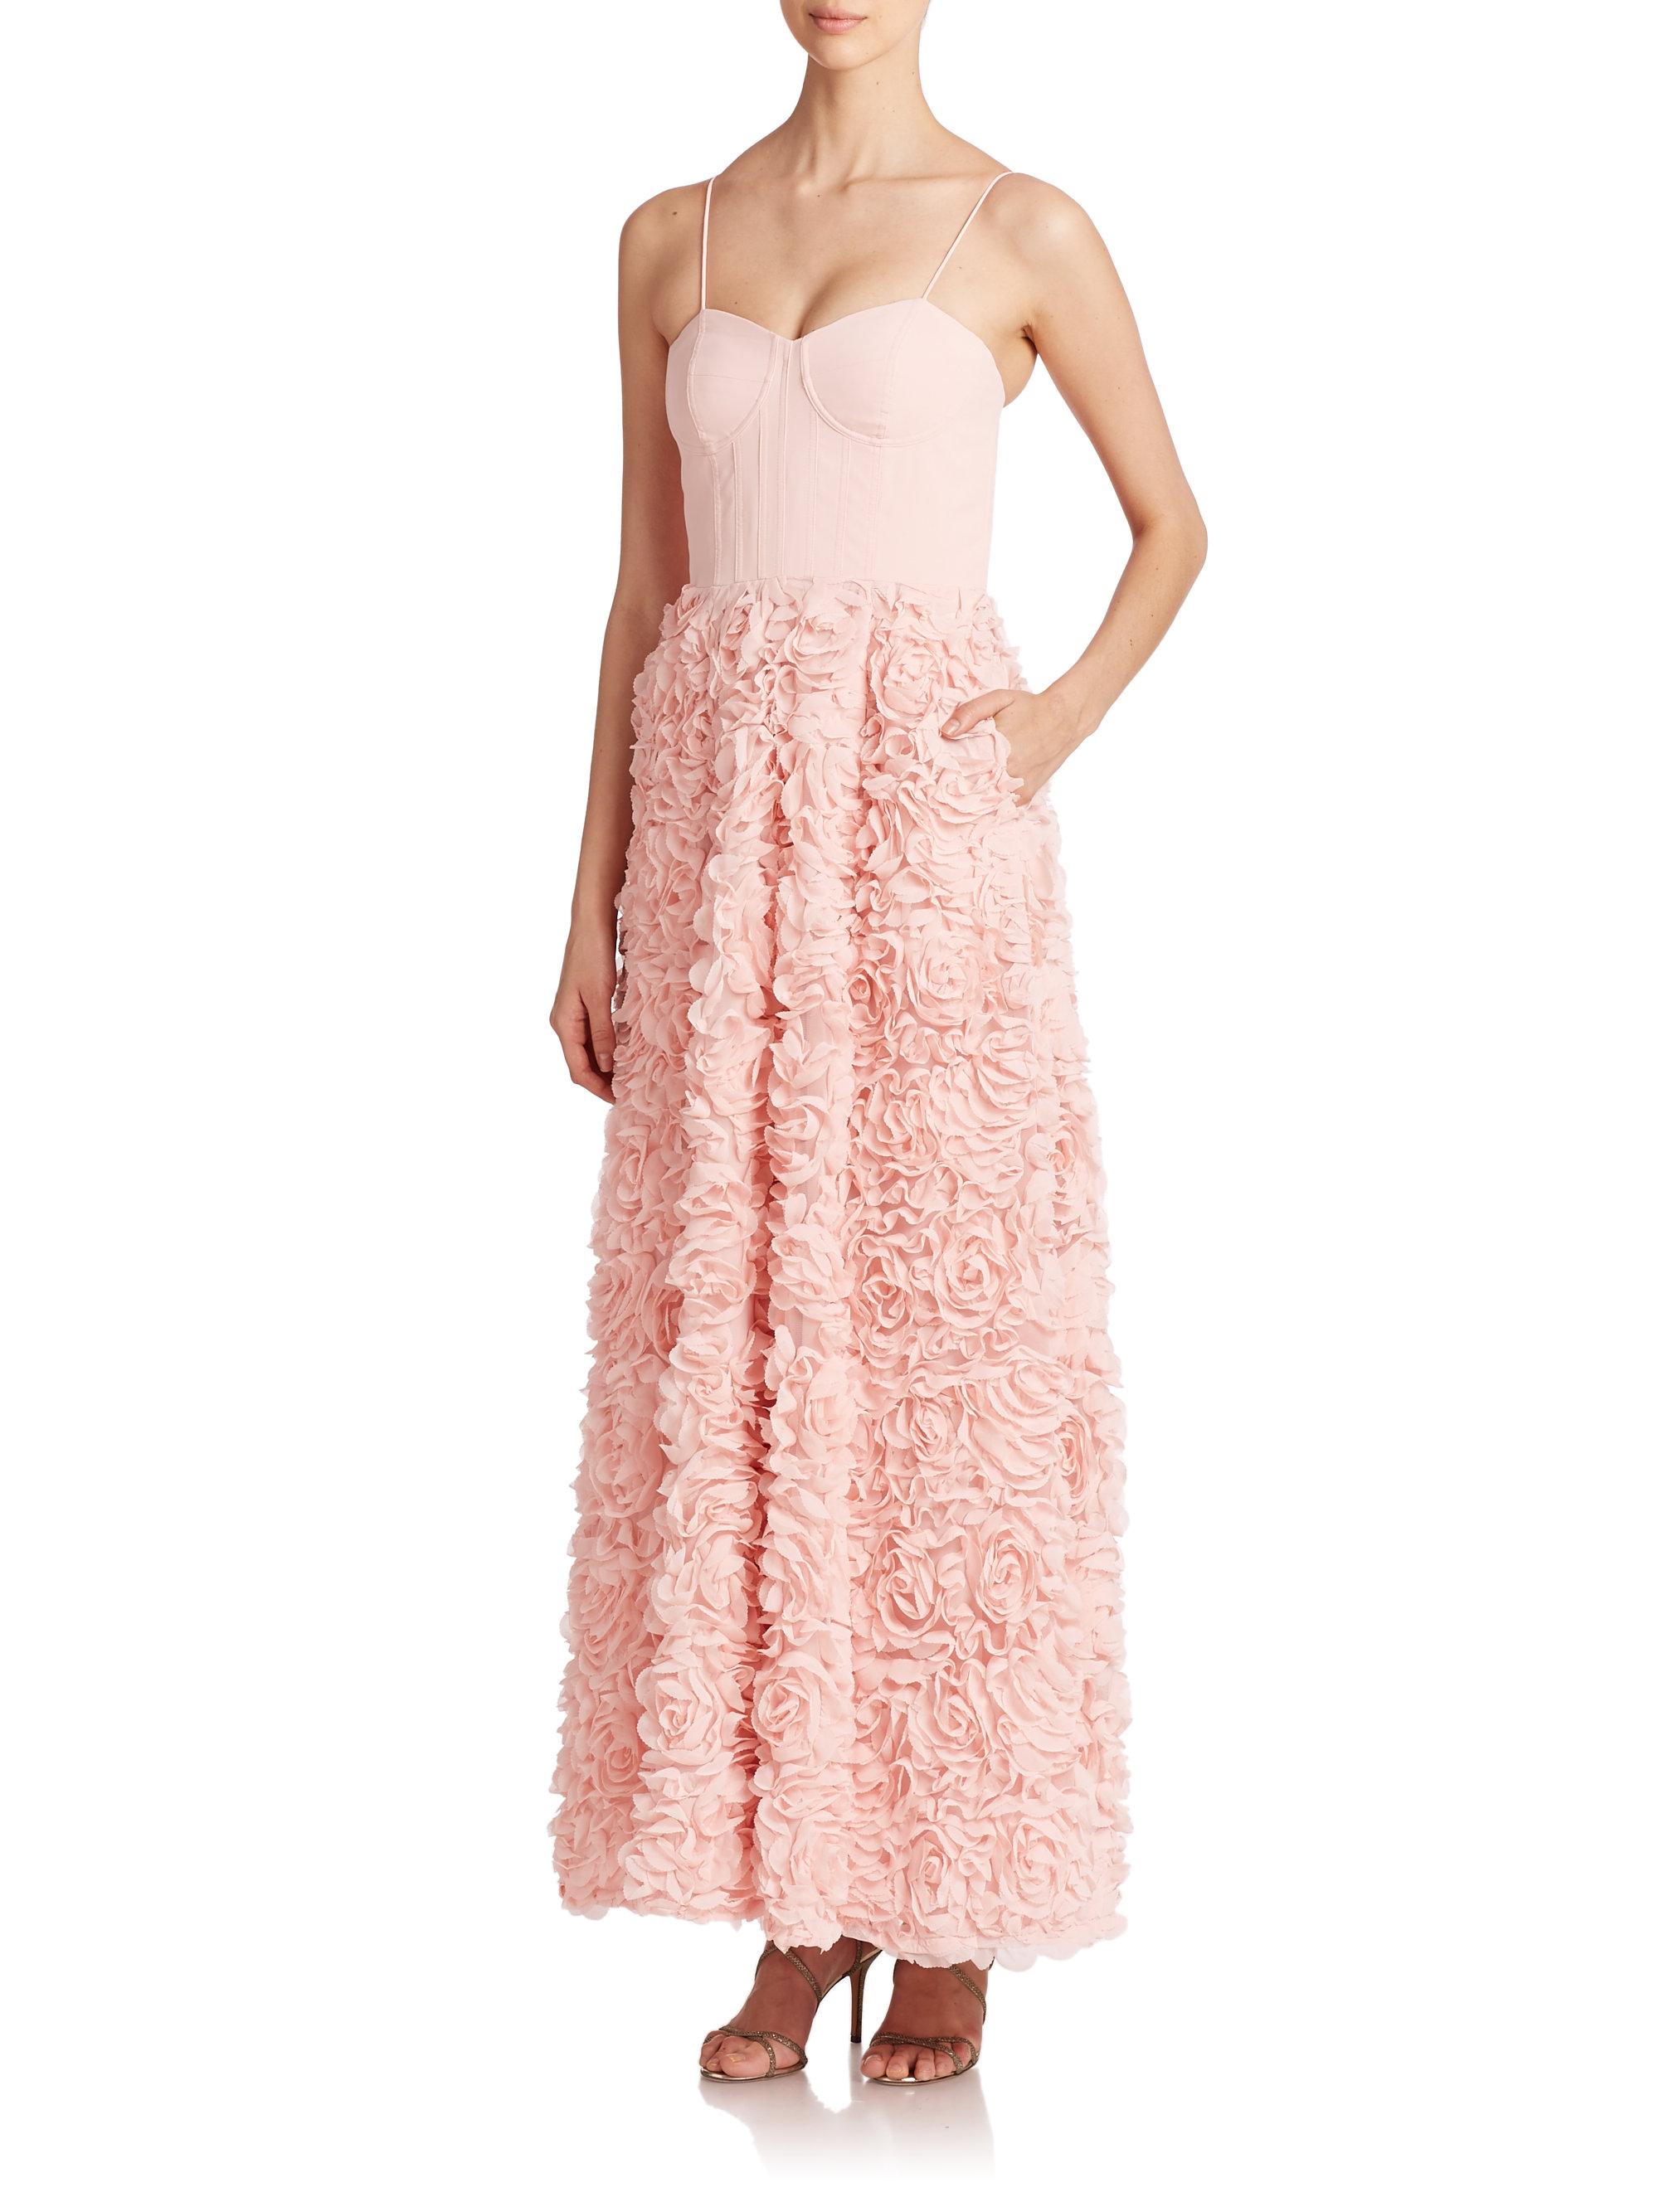 Lyst - Aidan Mattox Corset Rosette Ball Gown in Pink